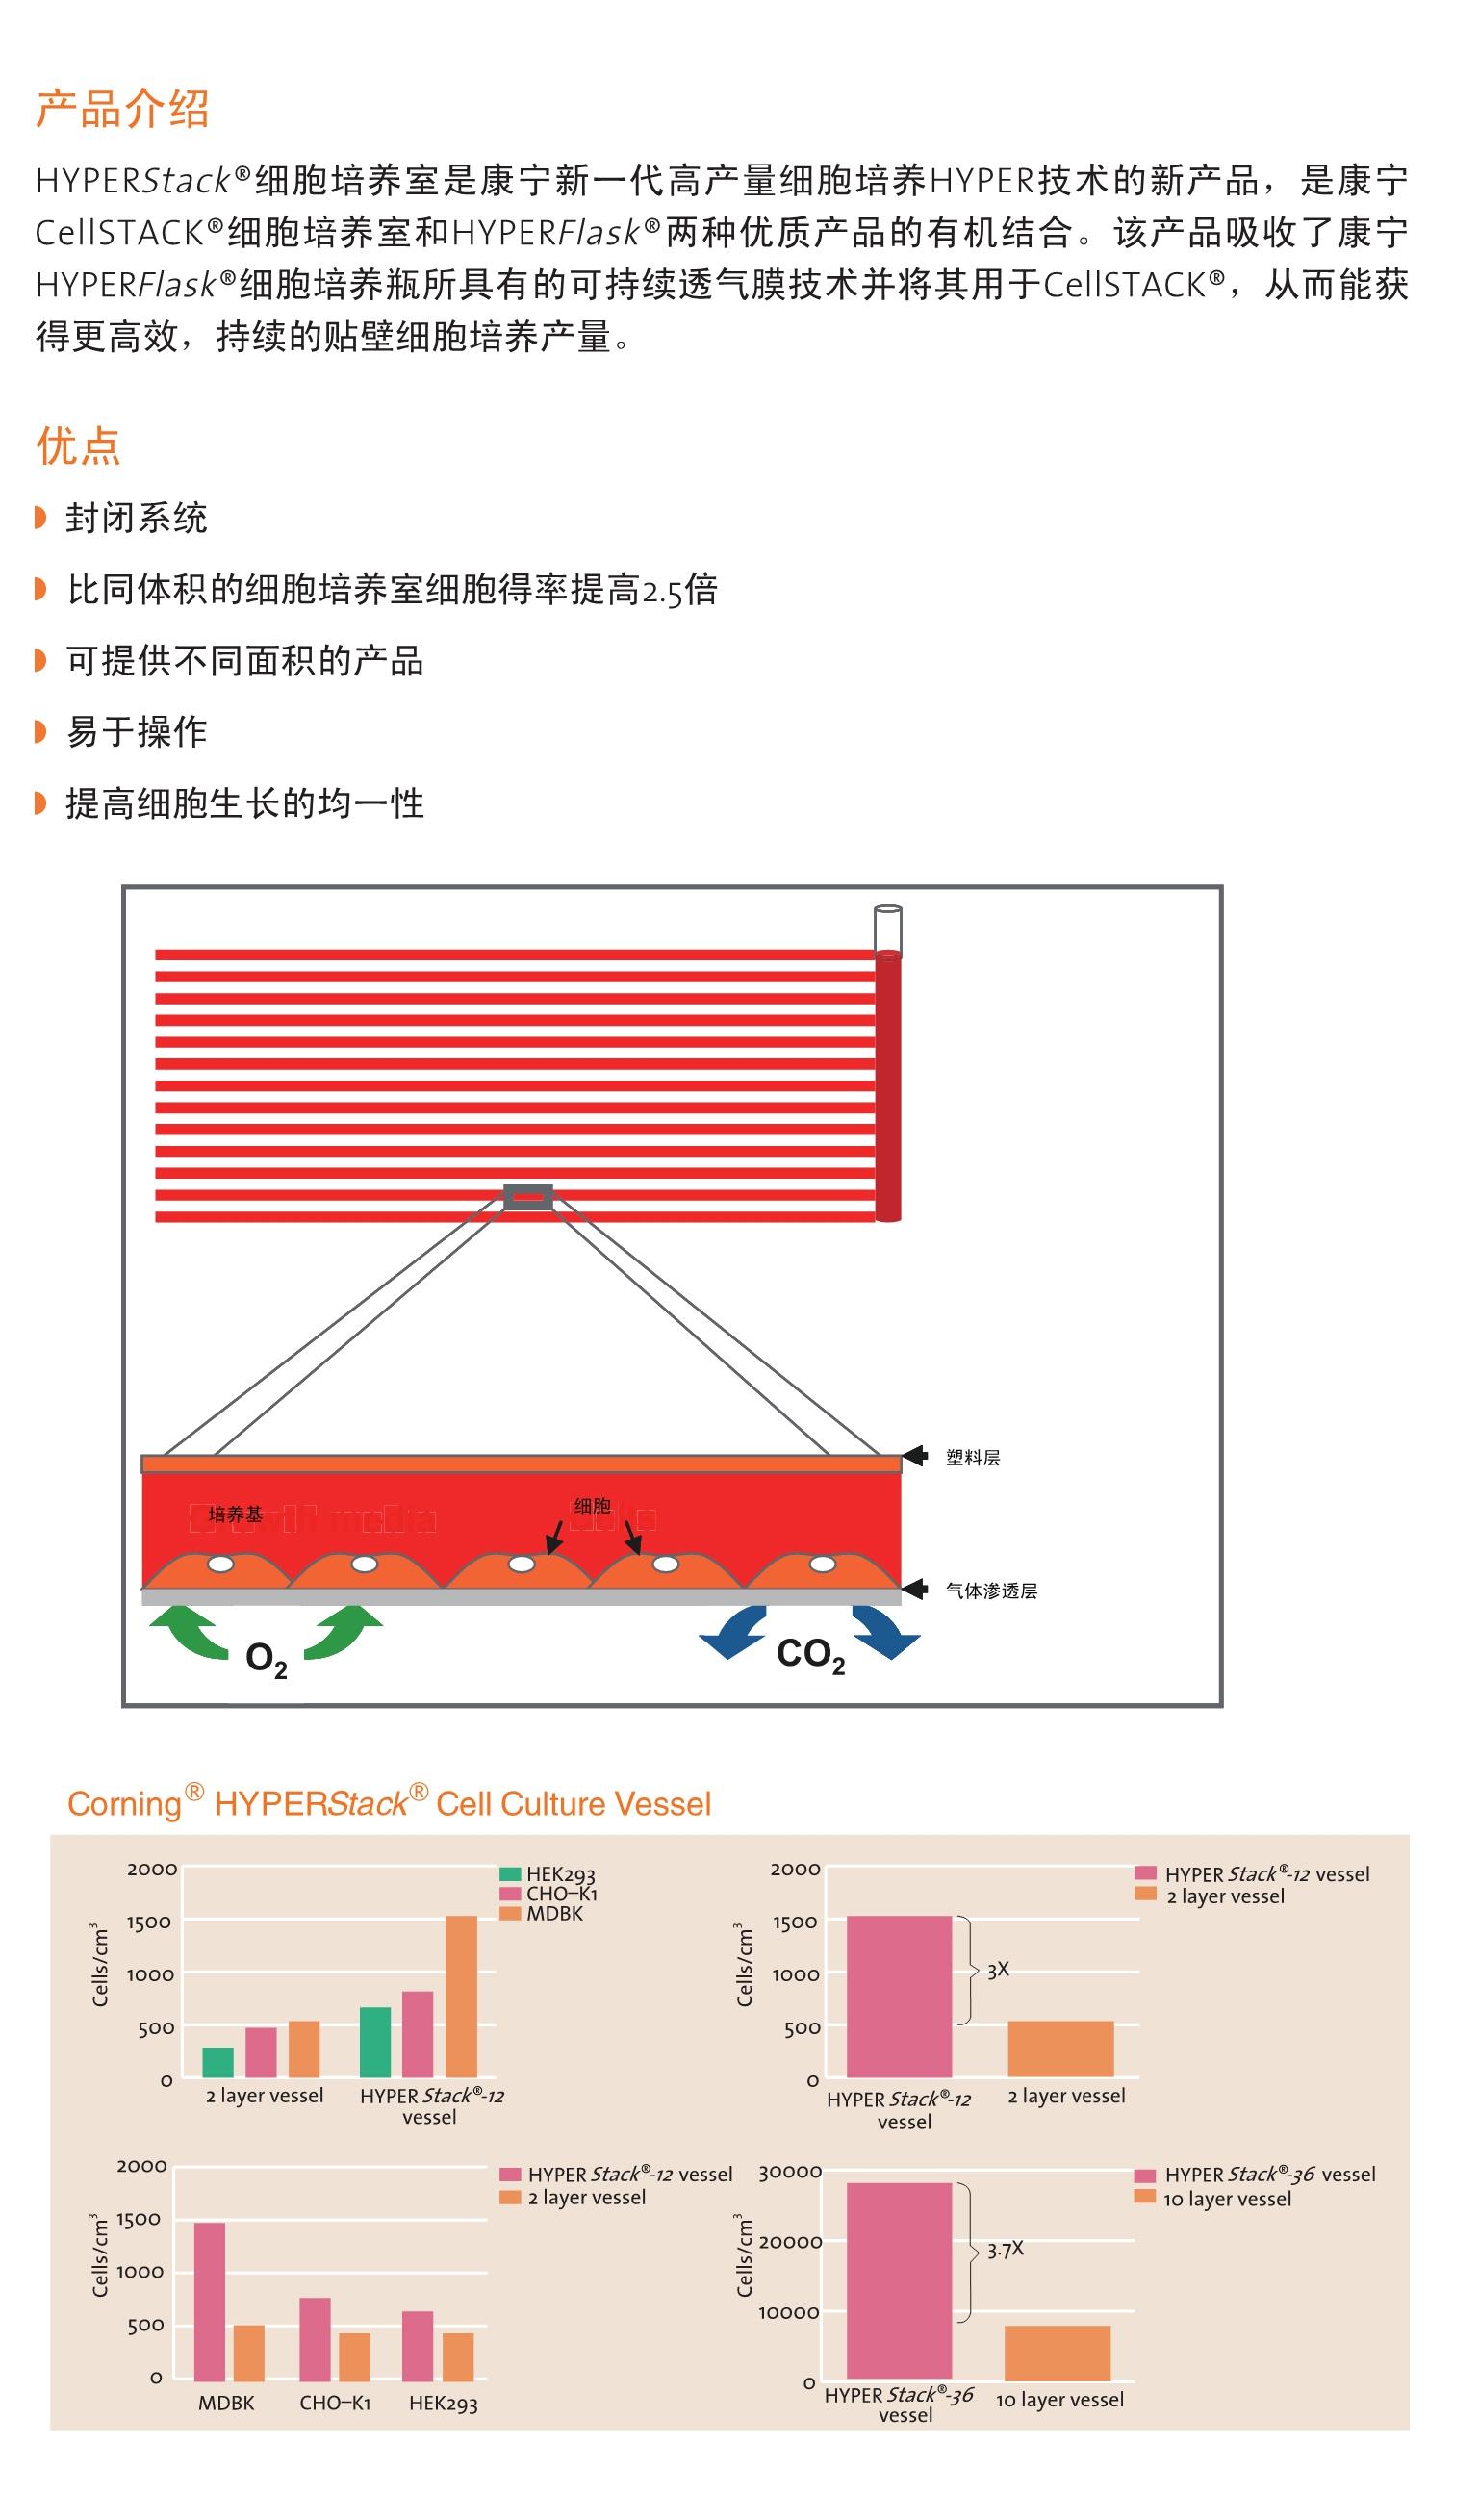 HYPERStack®超级细胞培养室